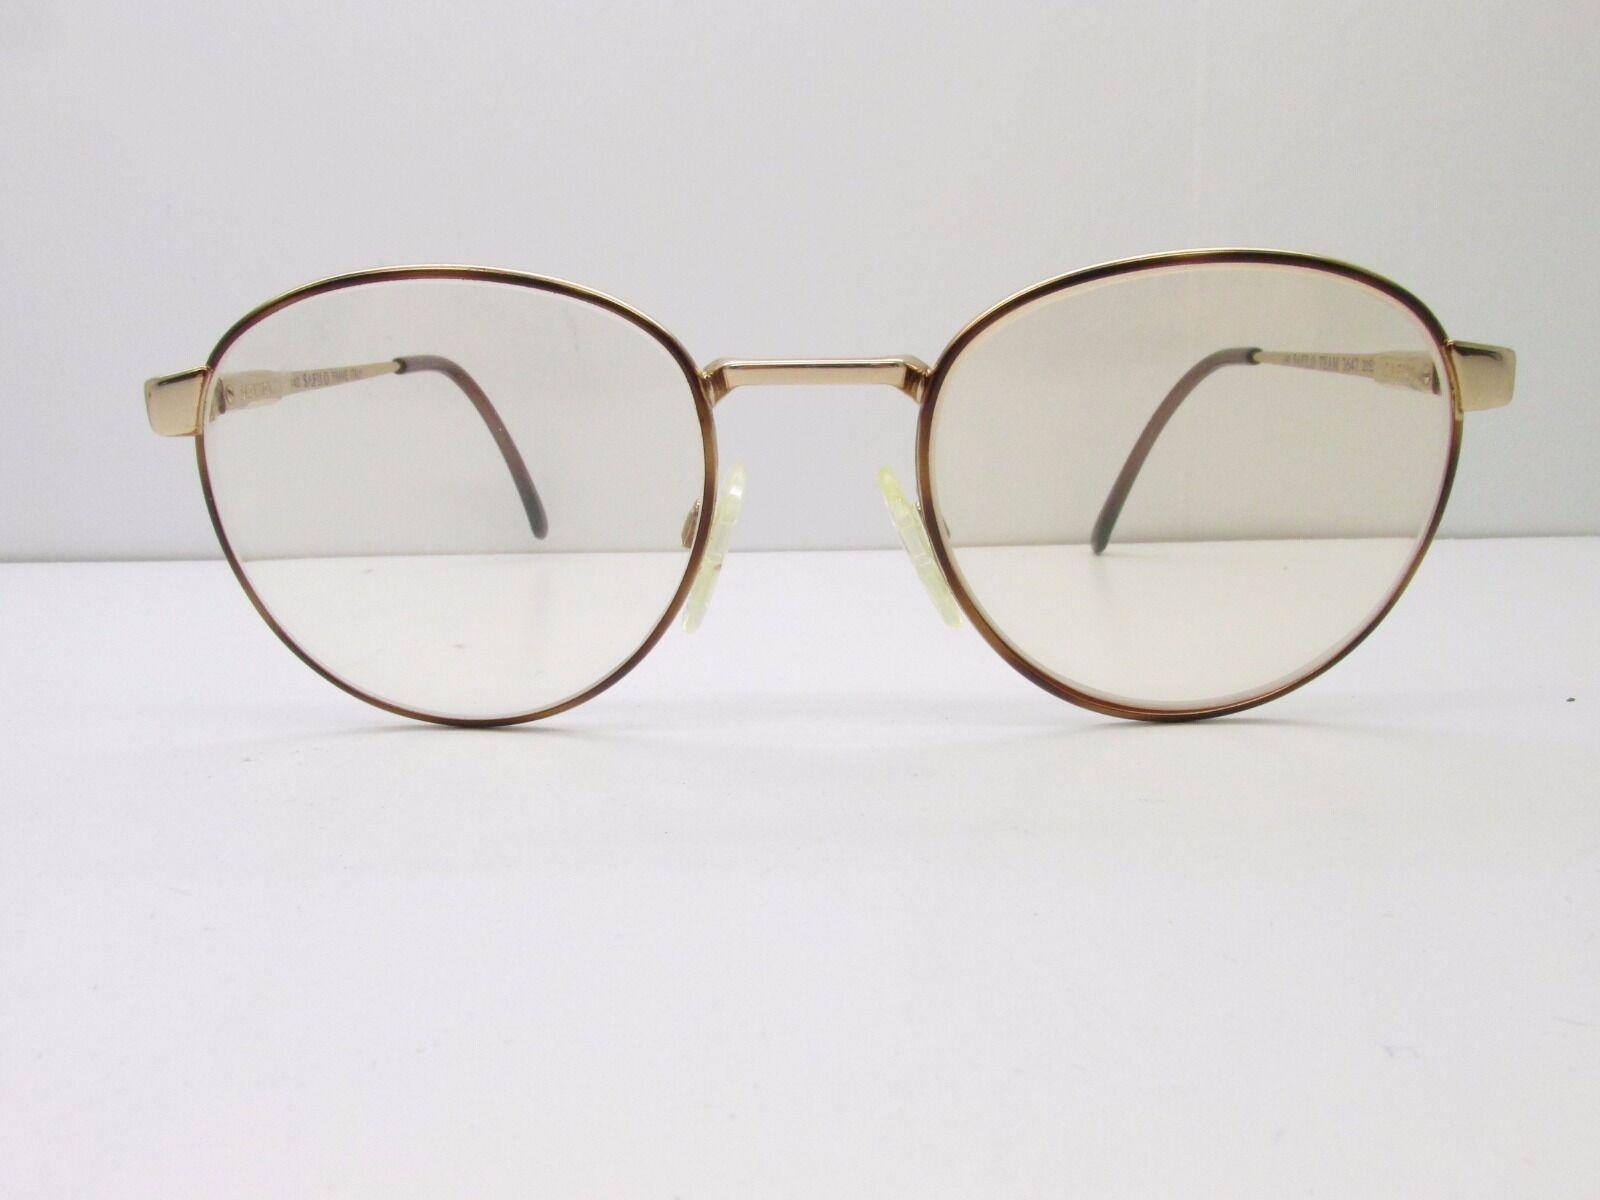 Safilo Team 3647 Eyeglasses Frames 51-20-140 Gold Tortoise Round Tv6 ...